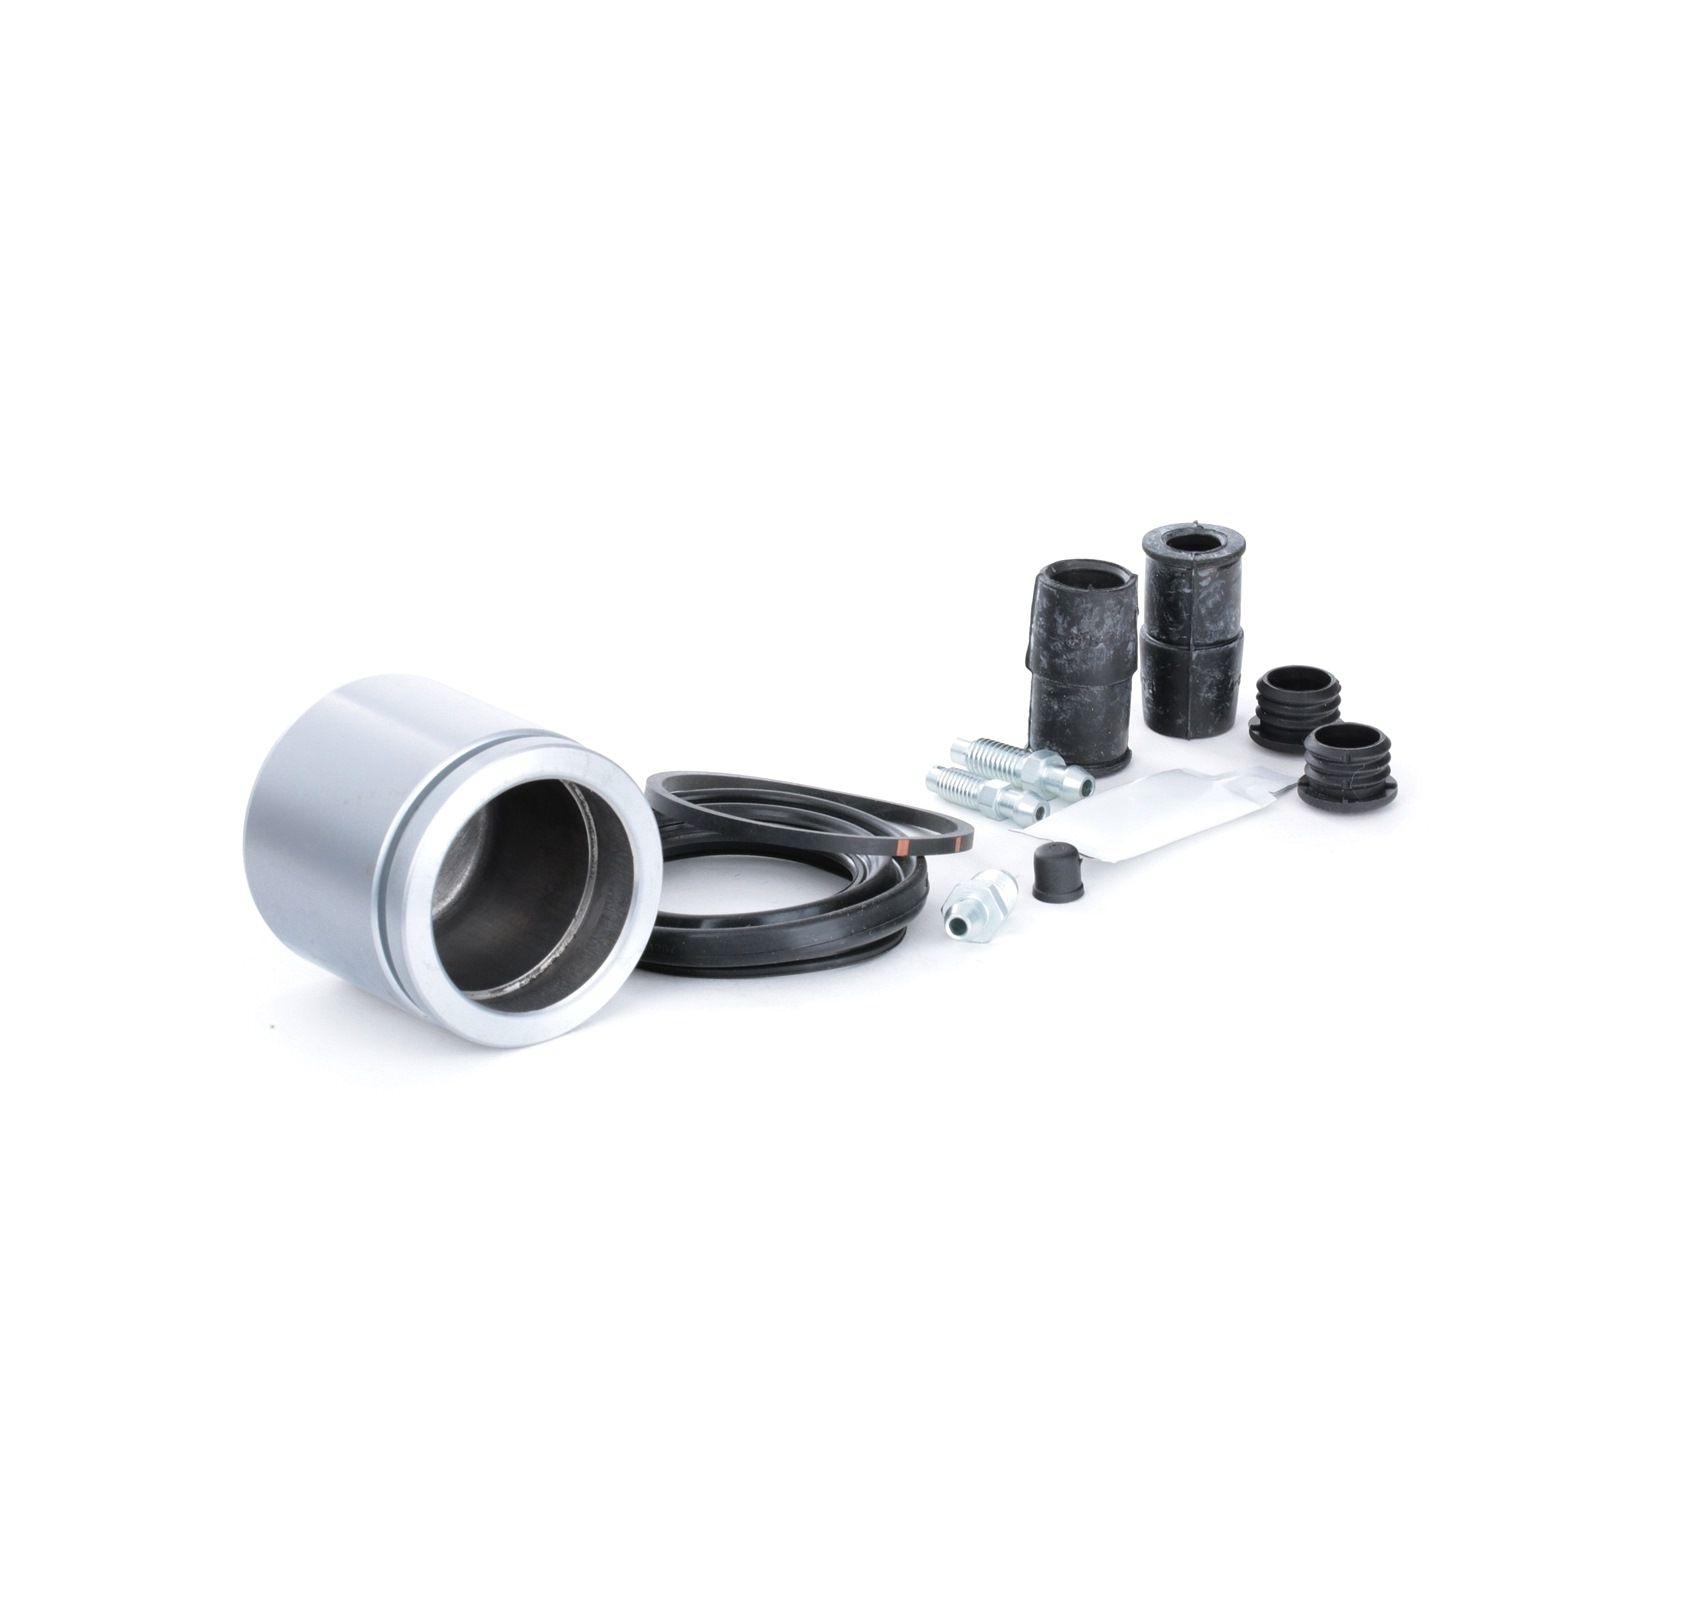 Kfz-Teile und Zubehör für OPEL Zafira C Tourer (P12) Bj 2020: Reparatursatz, Bremssattel D41074C